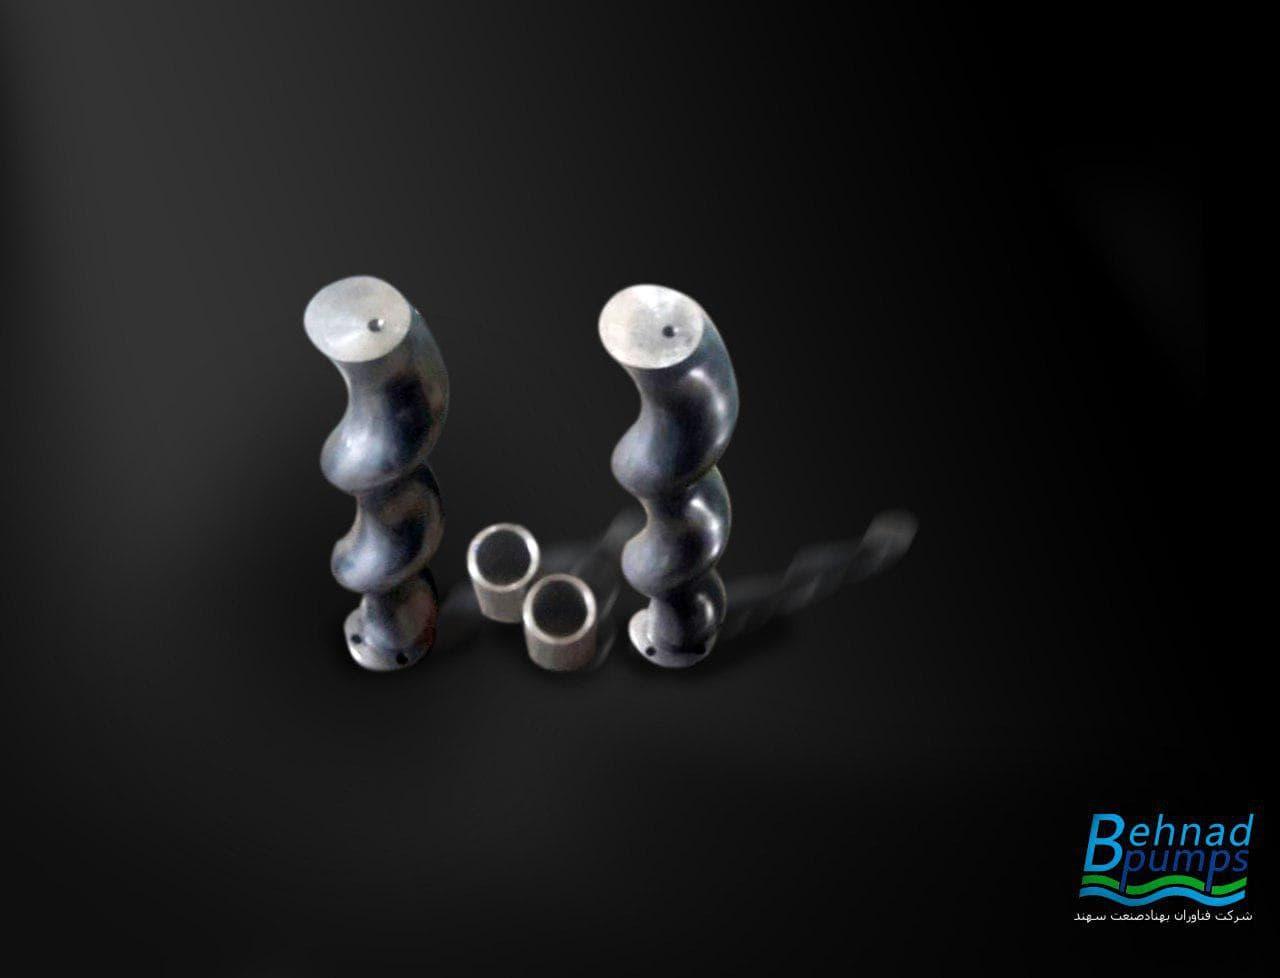 مونو پمپ بهناد جهت انتقال خمیر دندان ,مونو پمپ,فناوران بهناد صنعت سهند,behnad pumps,روتور,استاتور,بهناد پمپ